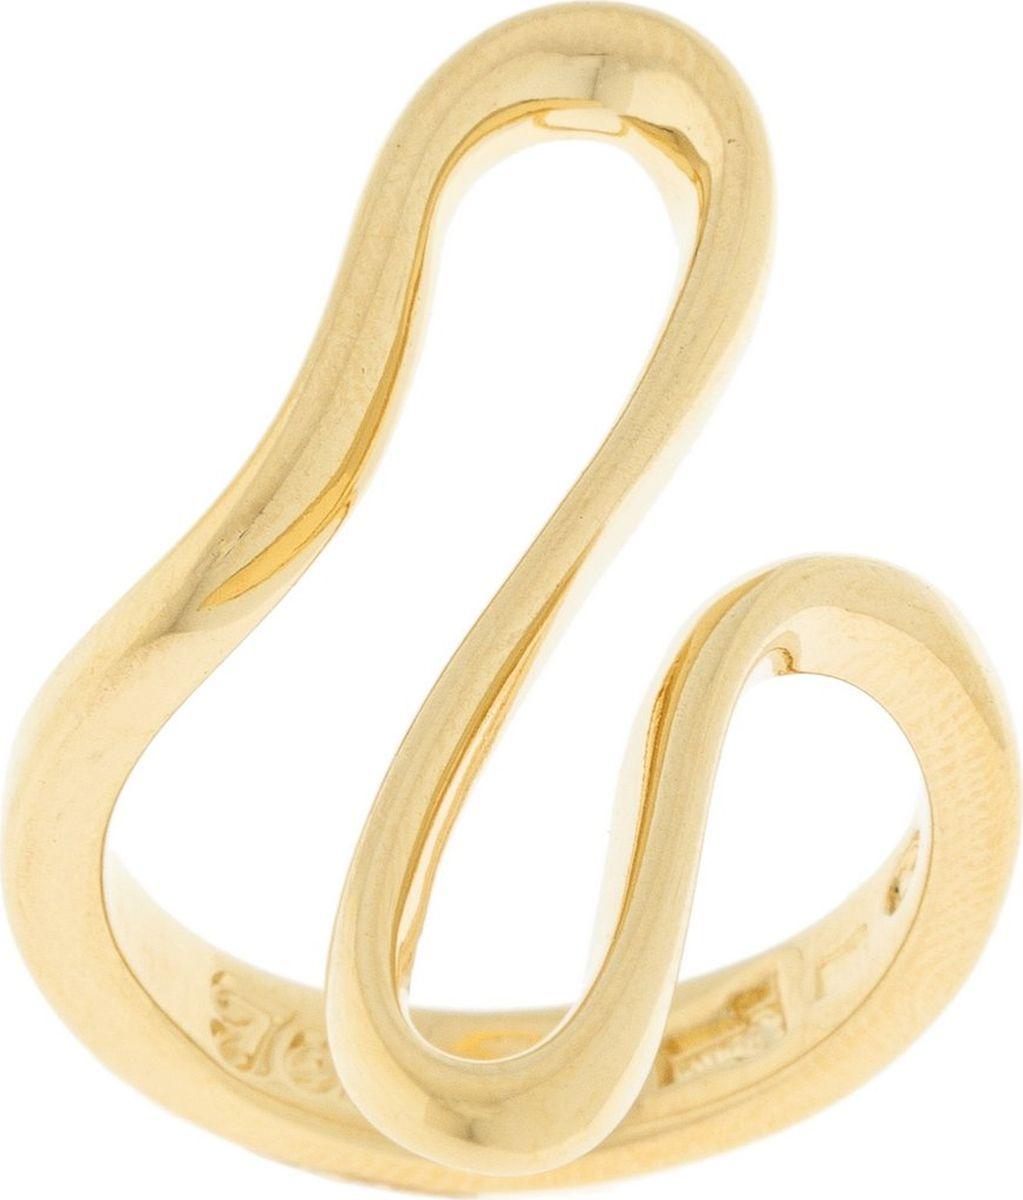 Кольцо Jenavi Этюд. Беюш, цвет: золотой. f732p090. Размер 18Коктейльное кольцоИзящное кольцо Jenavi из коллекции Этюд. Беюш изготовлено из ювелирного сплава с покрытием из позолоты. Изделие выполнено в необычном дизайне. Стильное кольцо придаст вашему образу изюминку, подчеркнет индивидуальность.